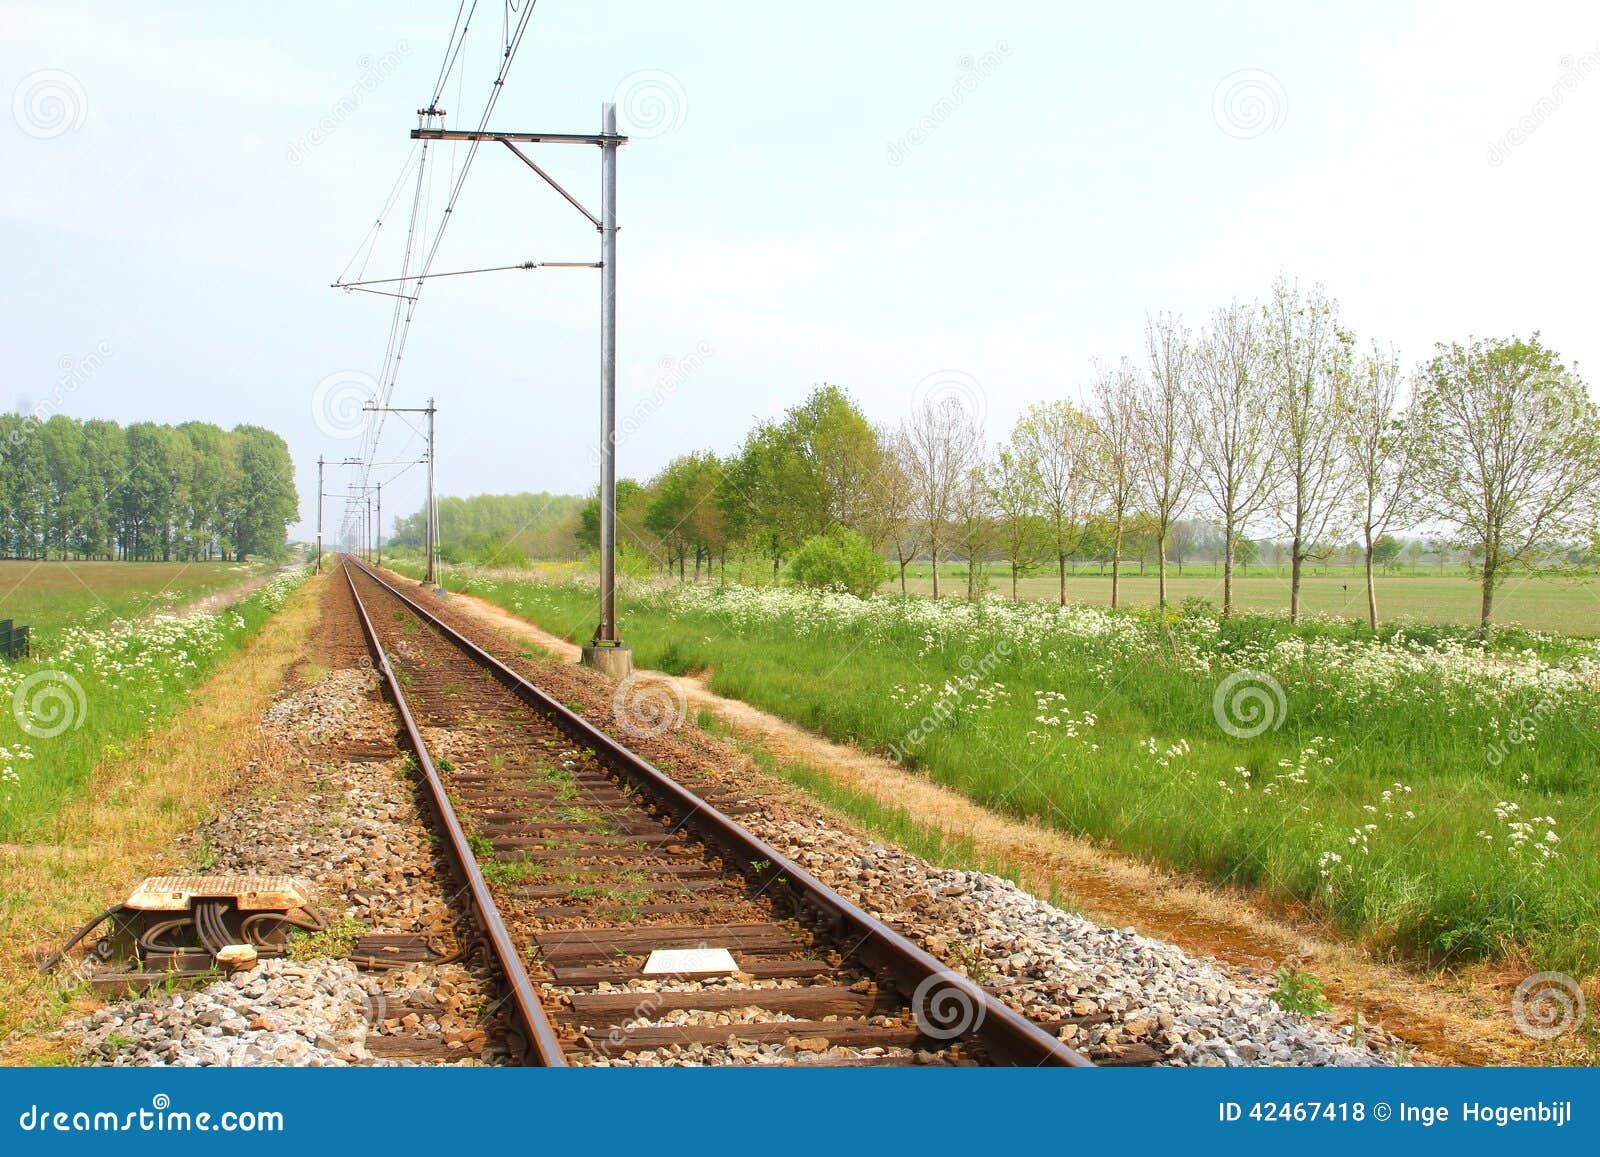 Eisenbahn in der Landschaft der Niederlande